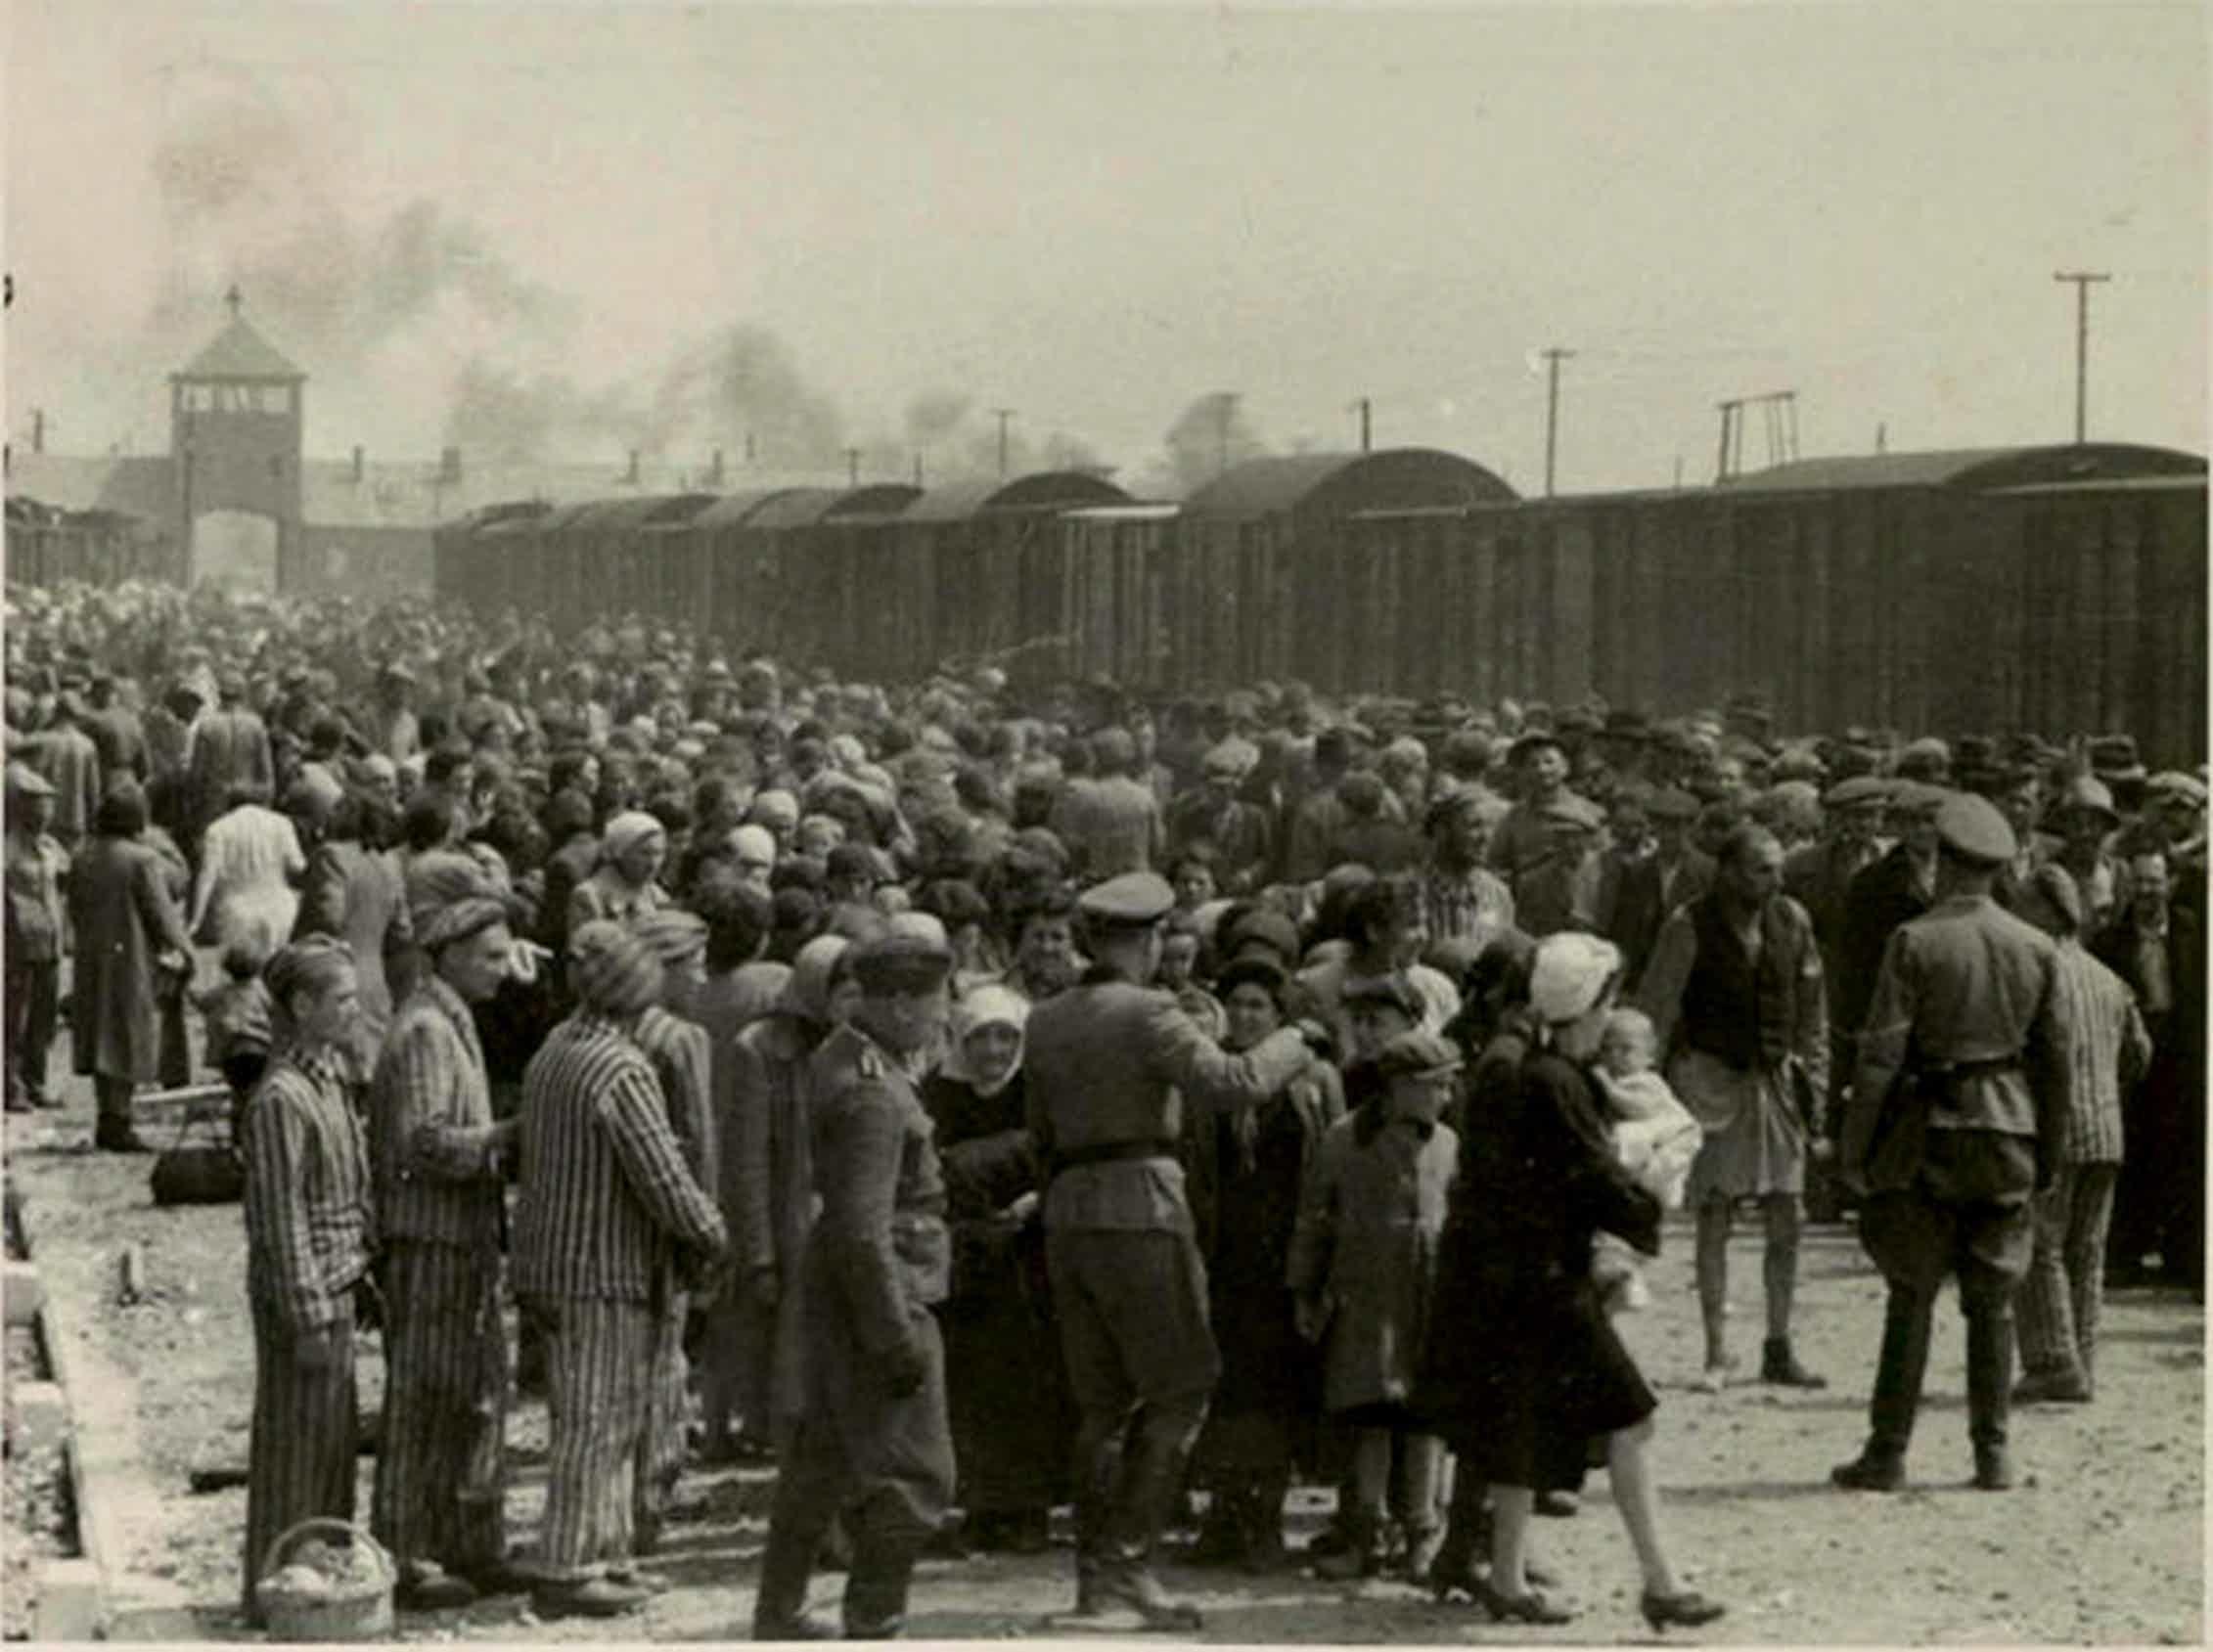 Selección de presos en Auschwitz II-Birkenau (mayo-junio de 1944). Los que se enviaban a la derecha eran asignados a trabajos forzados, los de la izquierda iban a las cámaras de gas.Wikimedia Commons